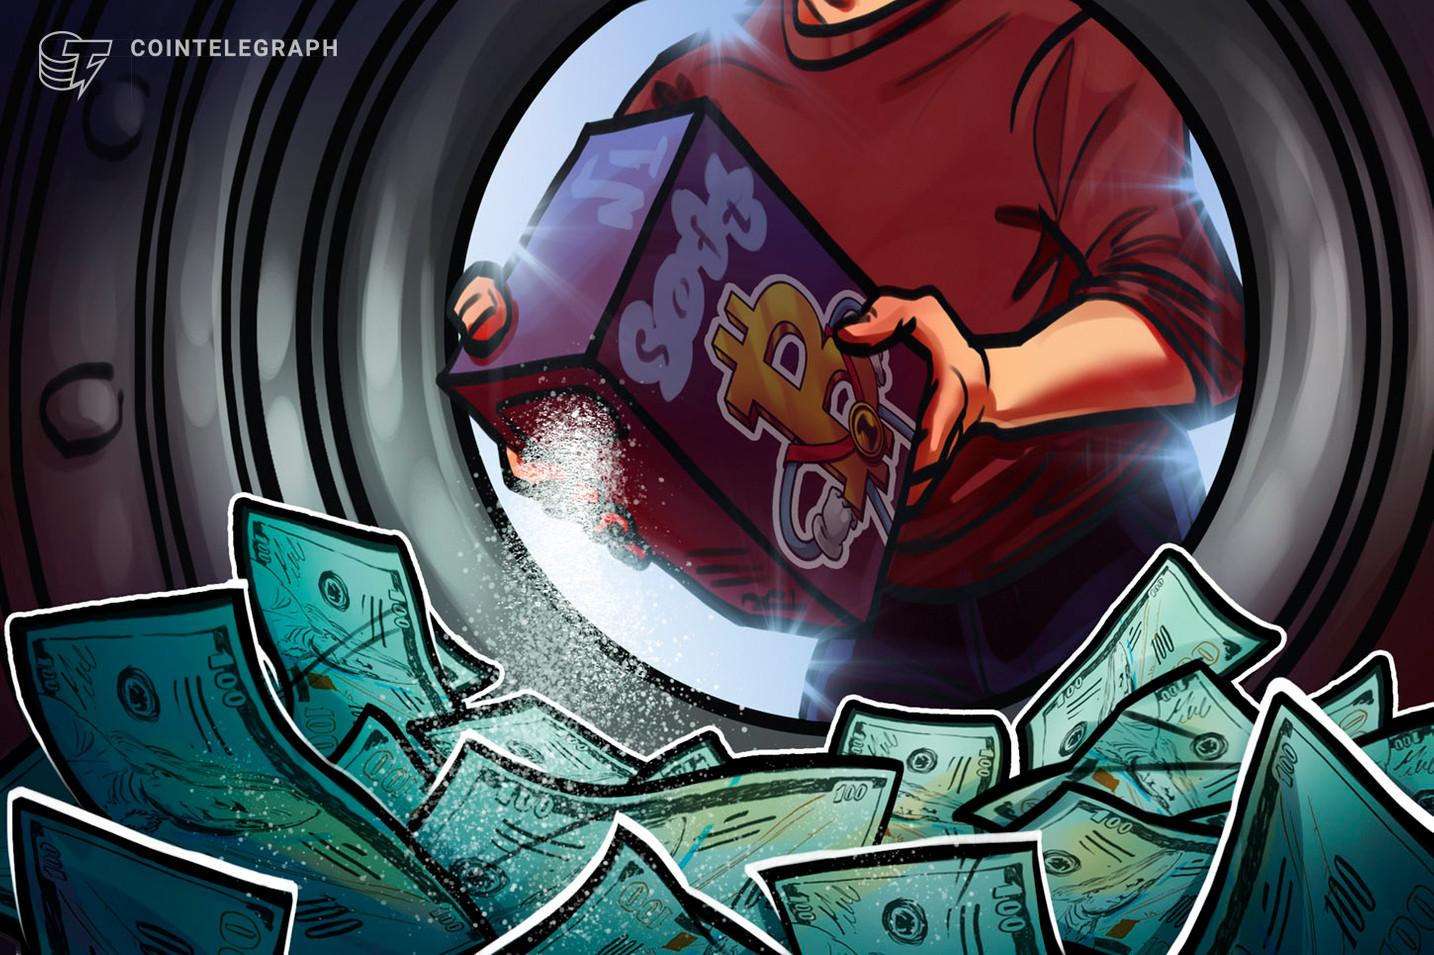 Riciclaggio di denaro: criptovalute e fiat a confronto